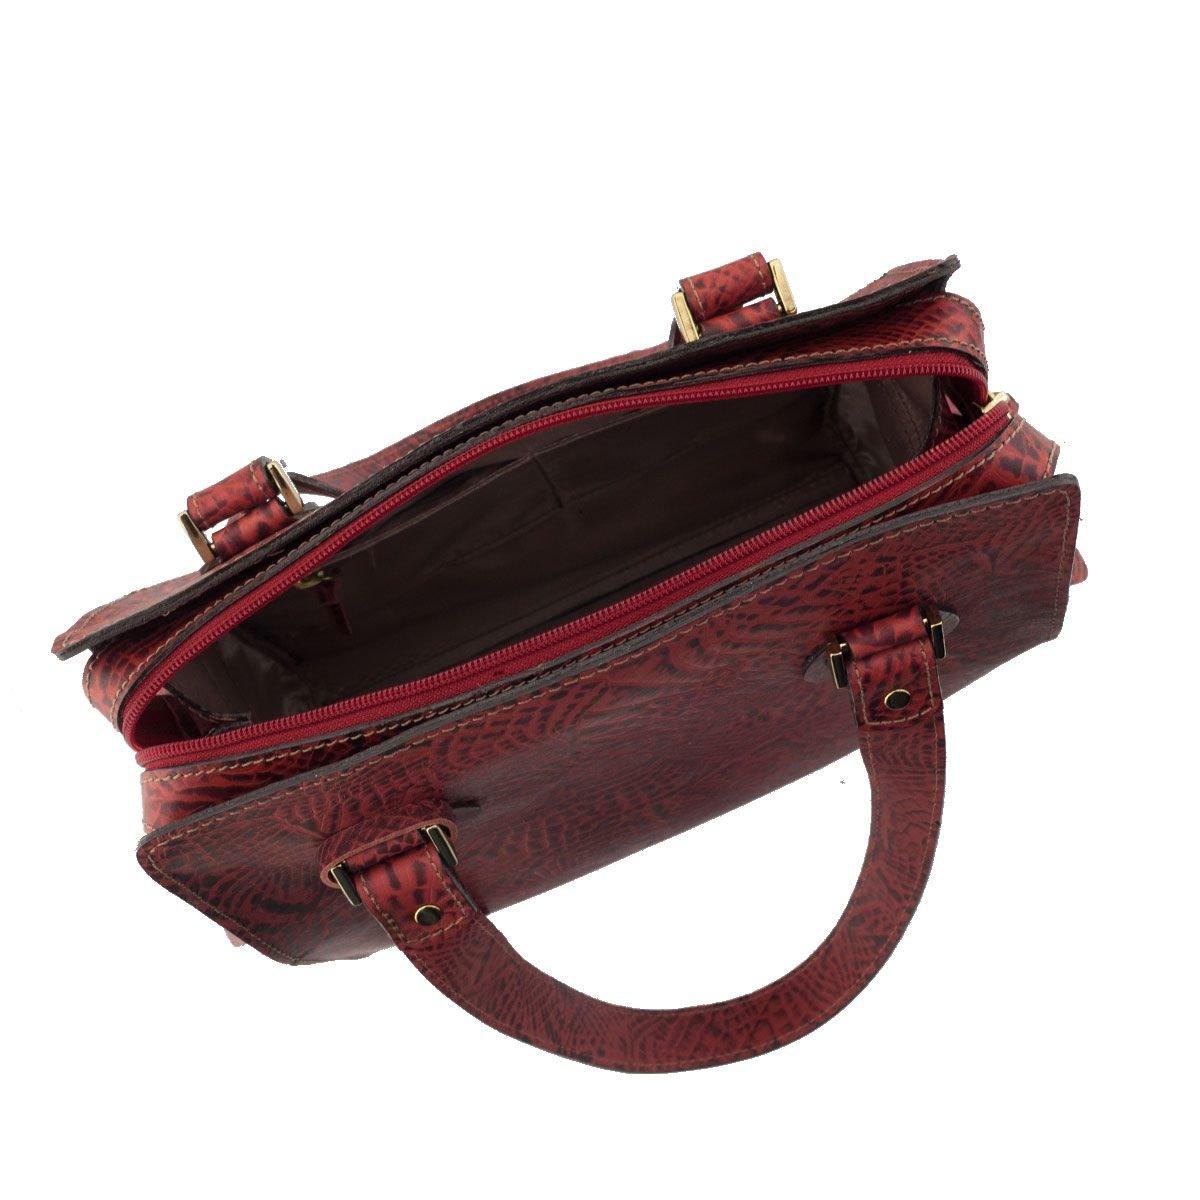 Bolsa Feminina Pequena Couro Vermelho Escuro